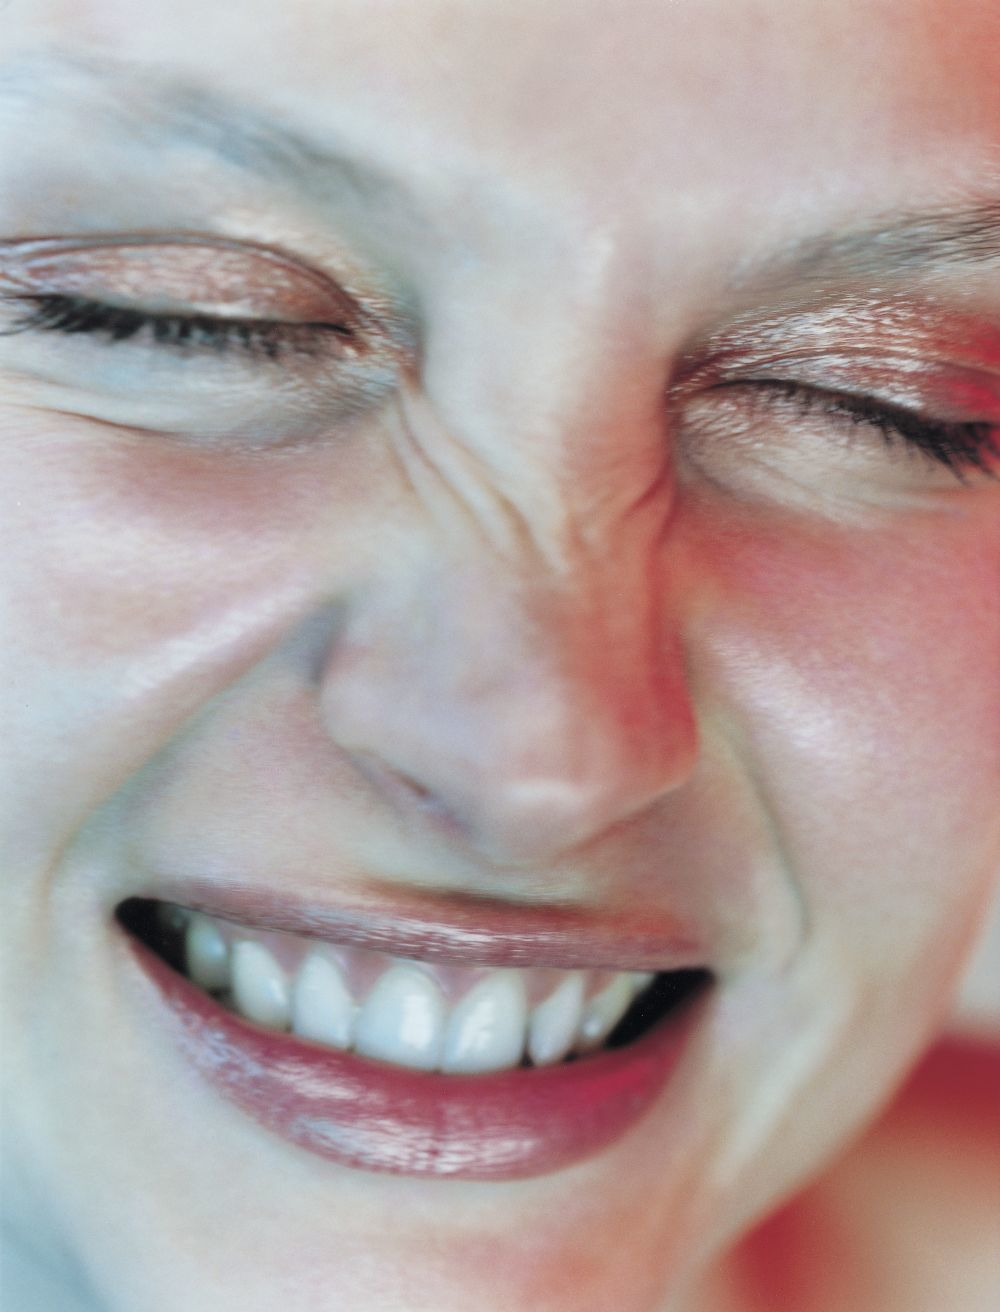 Aplica el tónico para tu piel con rosácea con ayuda de tus dedos evitando el arrastre con los algodones que podrían causar irritación en tu piel.